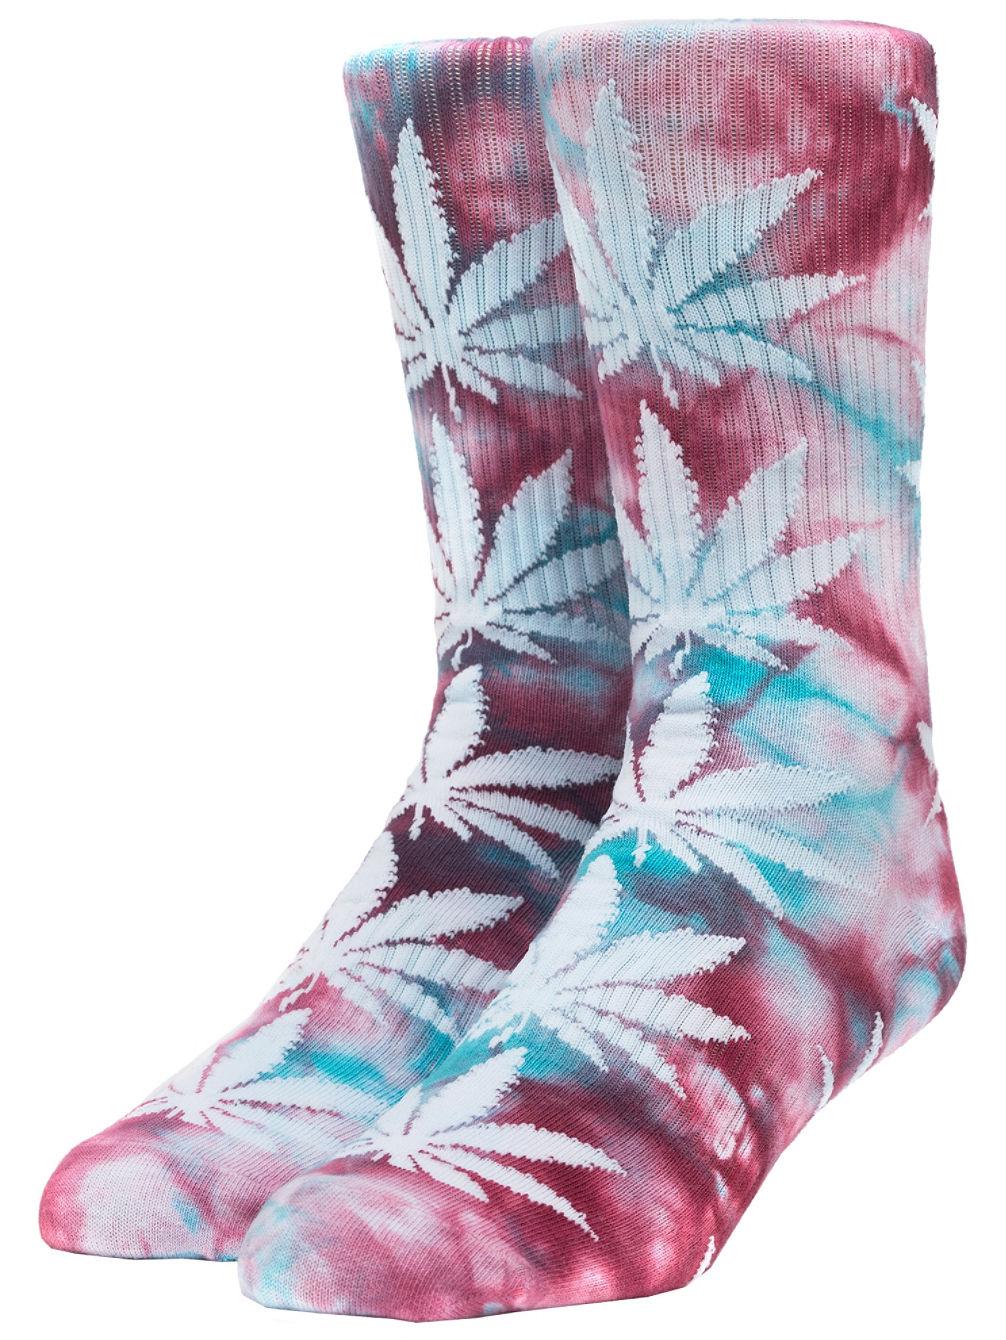 cdcd0bd2c9b7e Plantlife Crystal Wash Socks